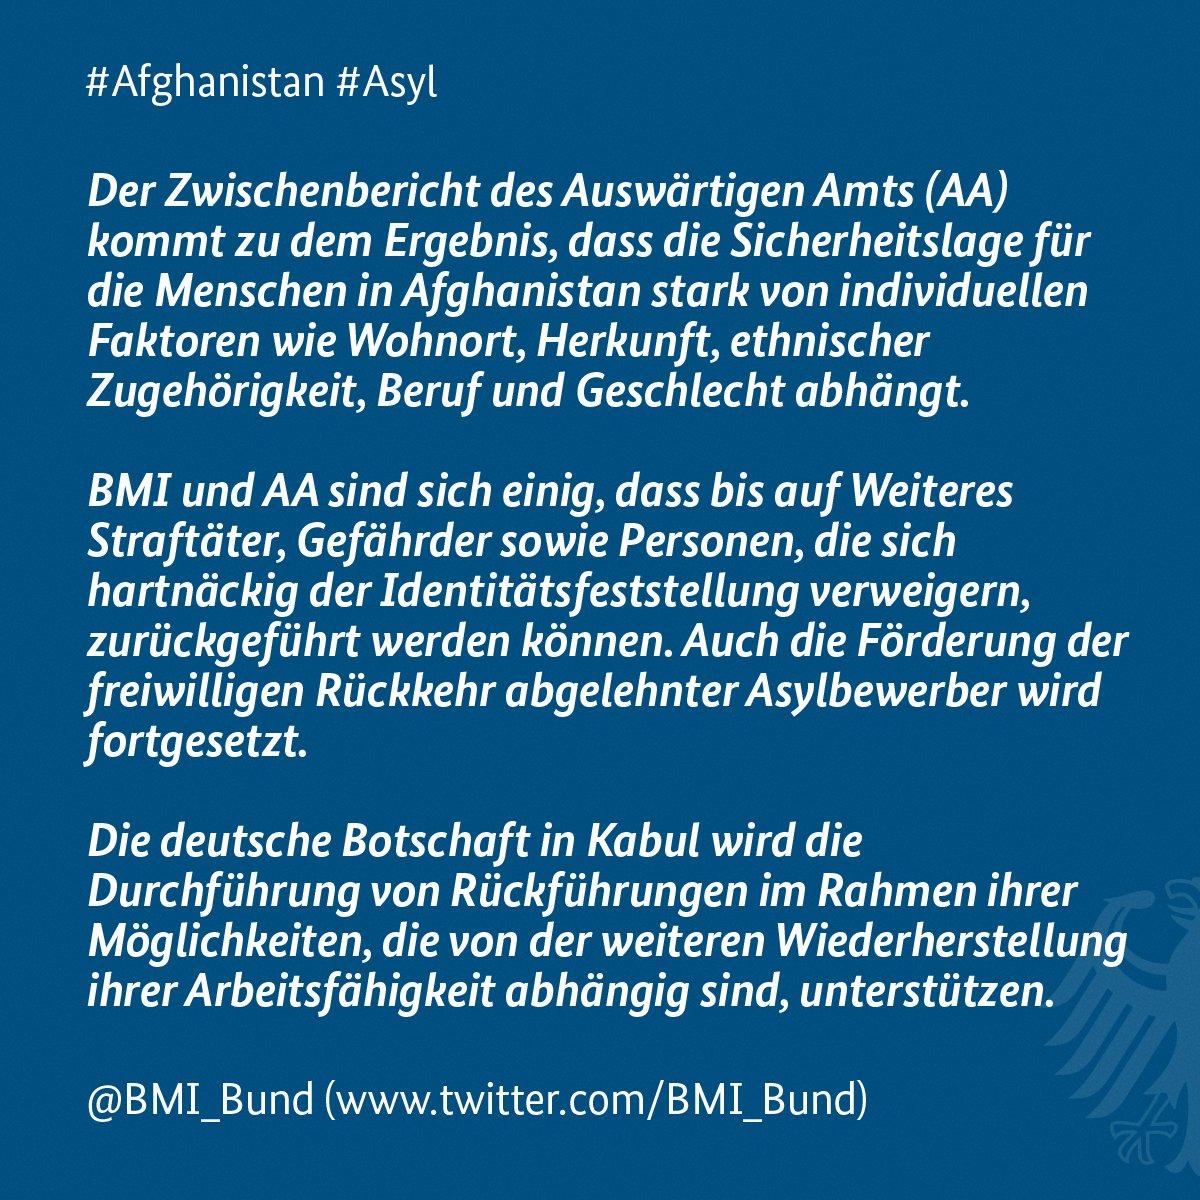 Bundesministerium des Innern, für Bau und Heimat on Twitter ...